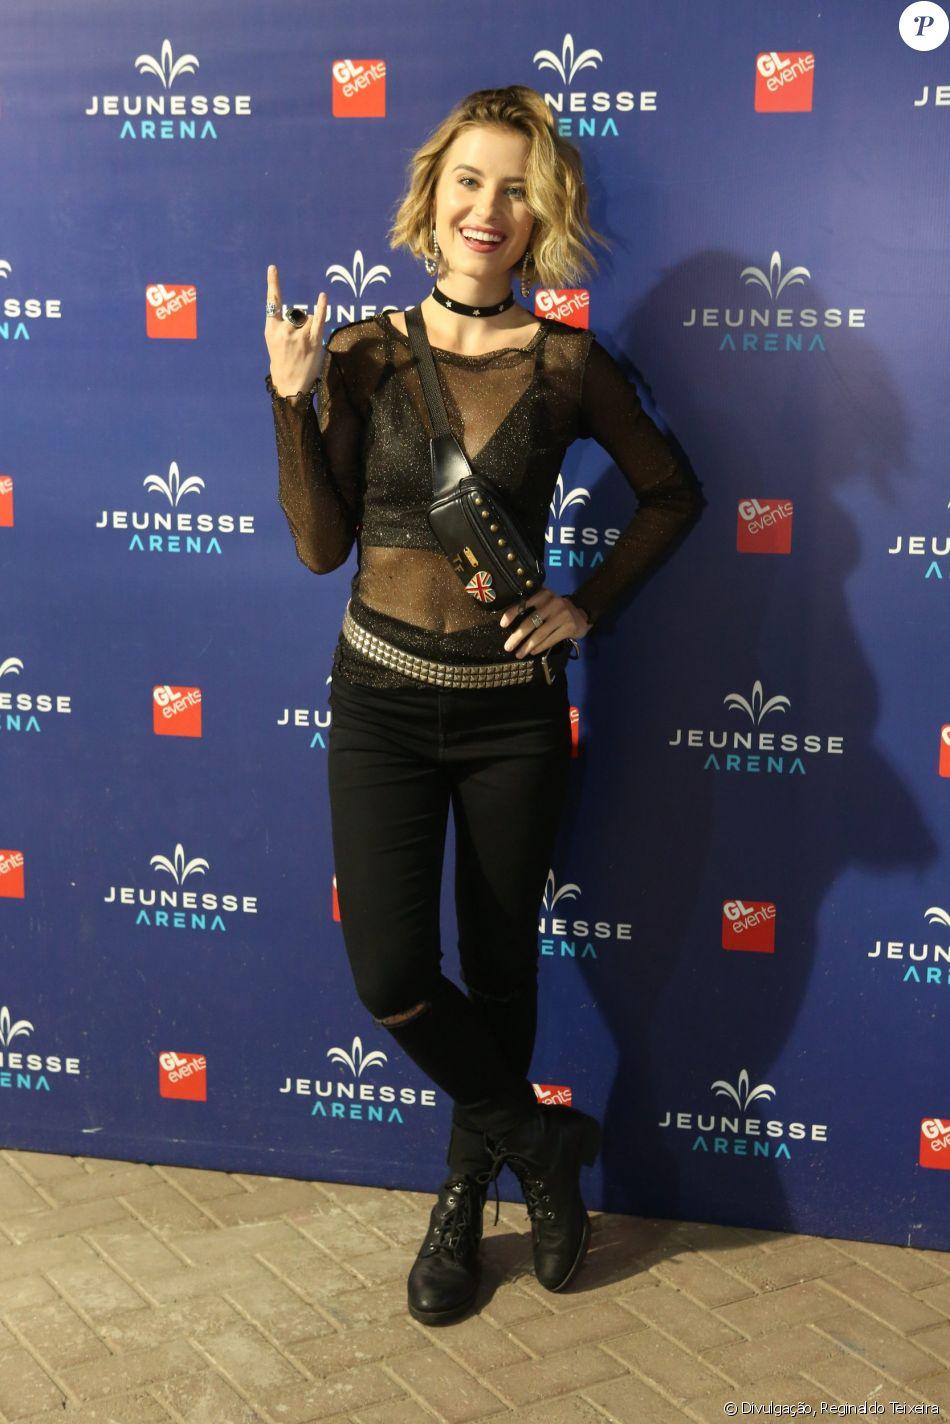 A atriz Barbara França combinou as tendências das pochetes e da transparência no look para o show da banda Green Day, na Jeunesse Arena, no Rio de Janeiro, em 1° de novembro de 2017